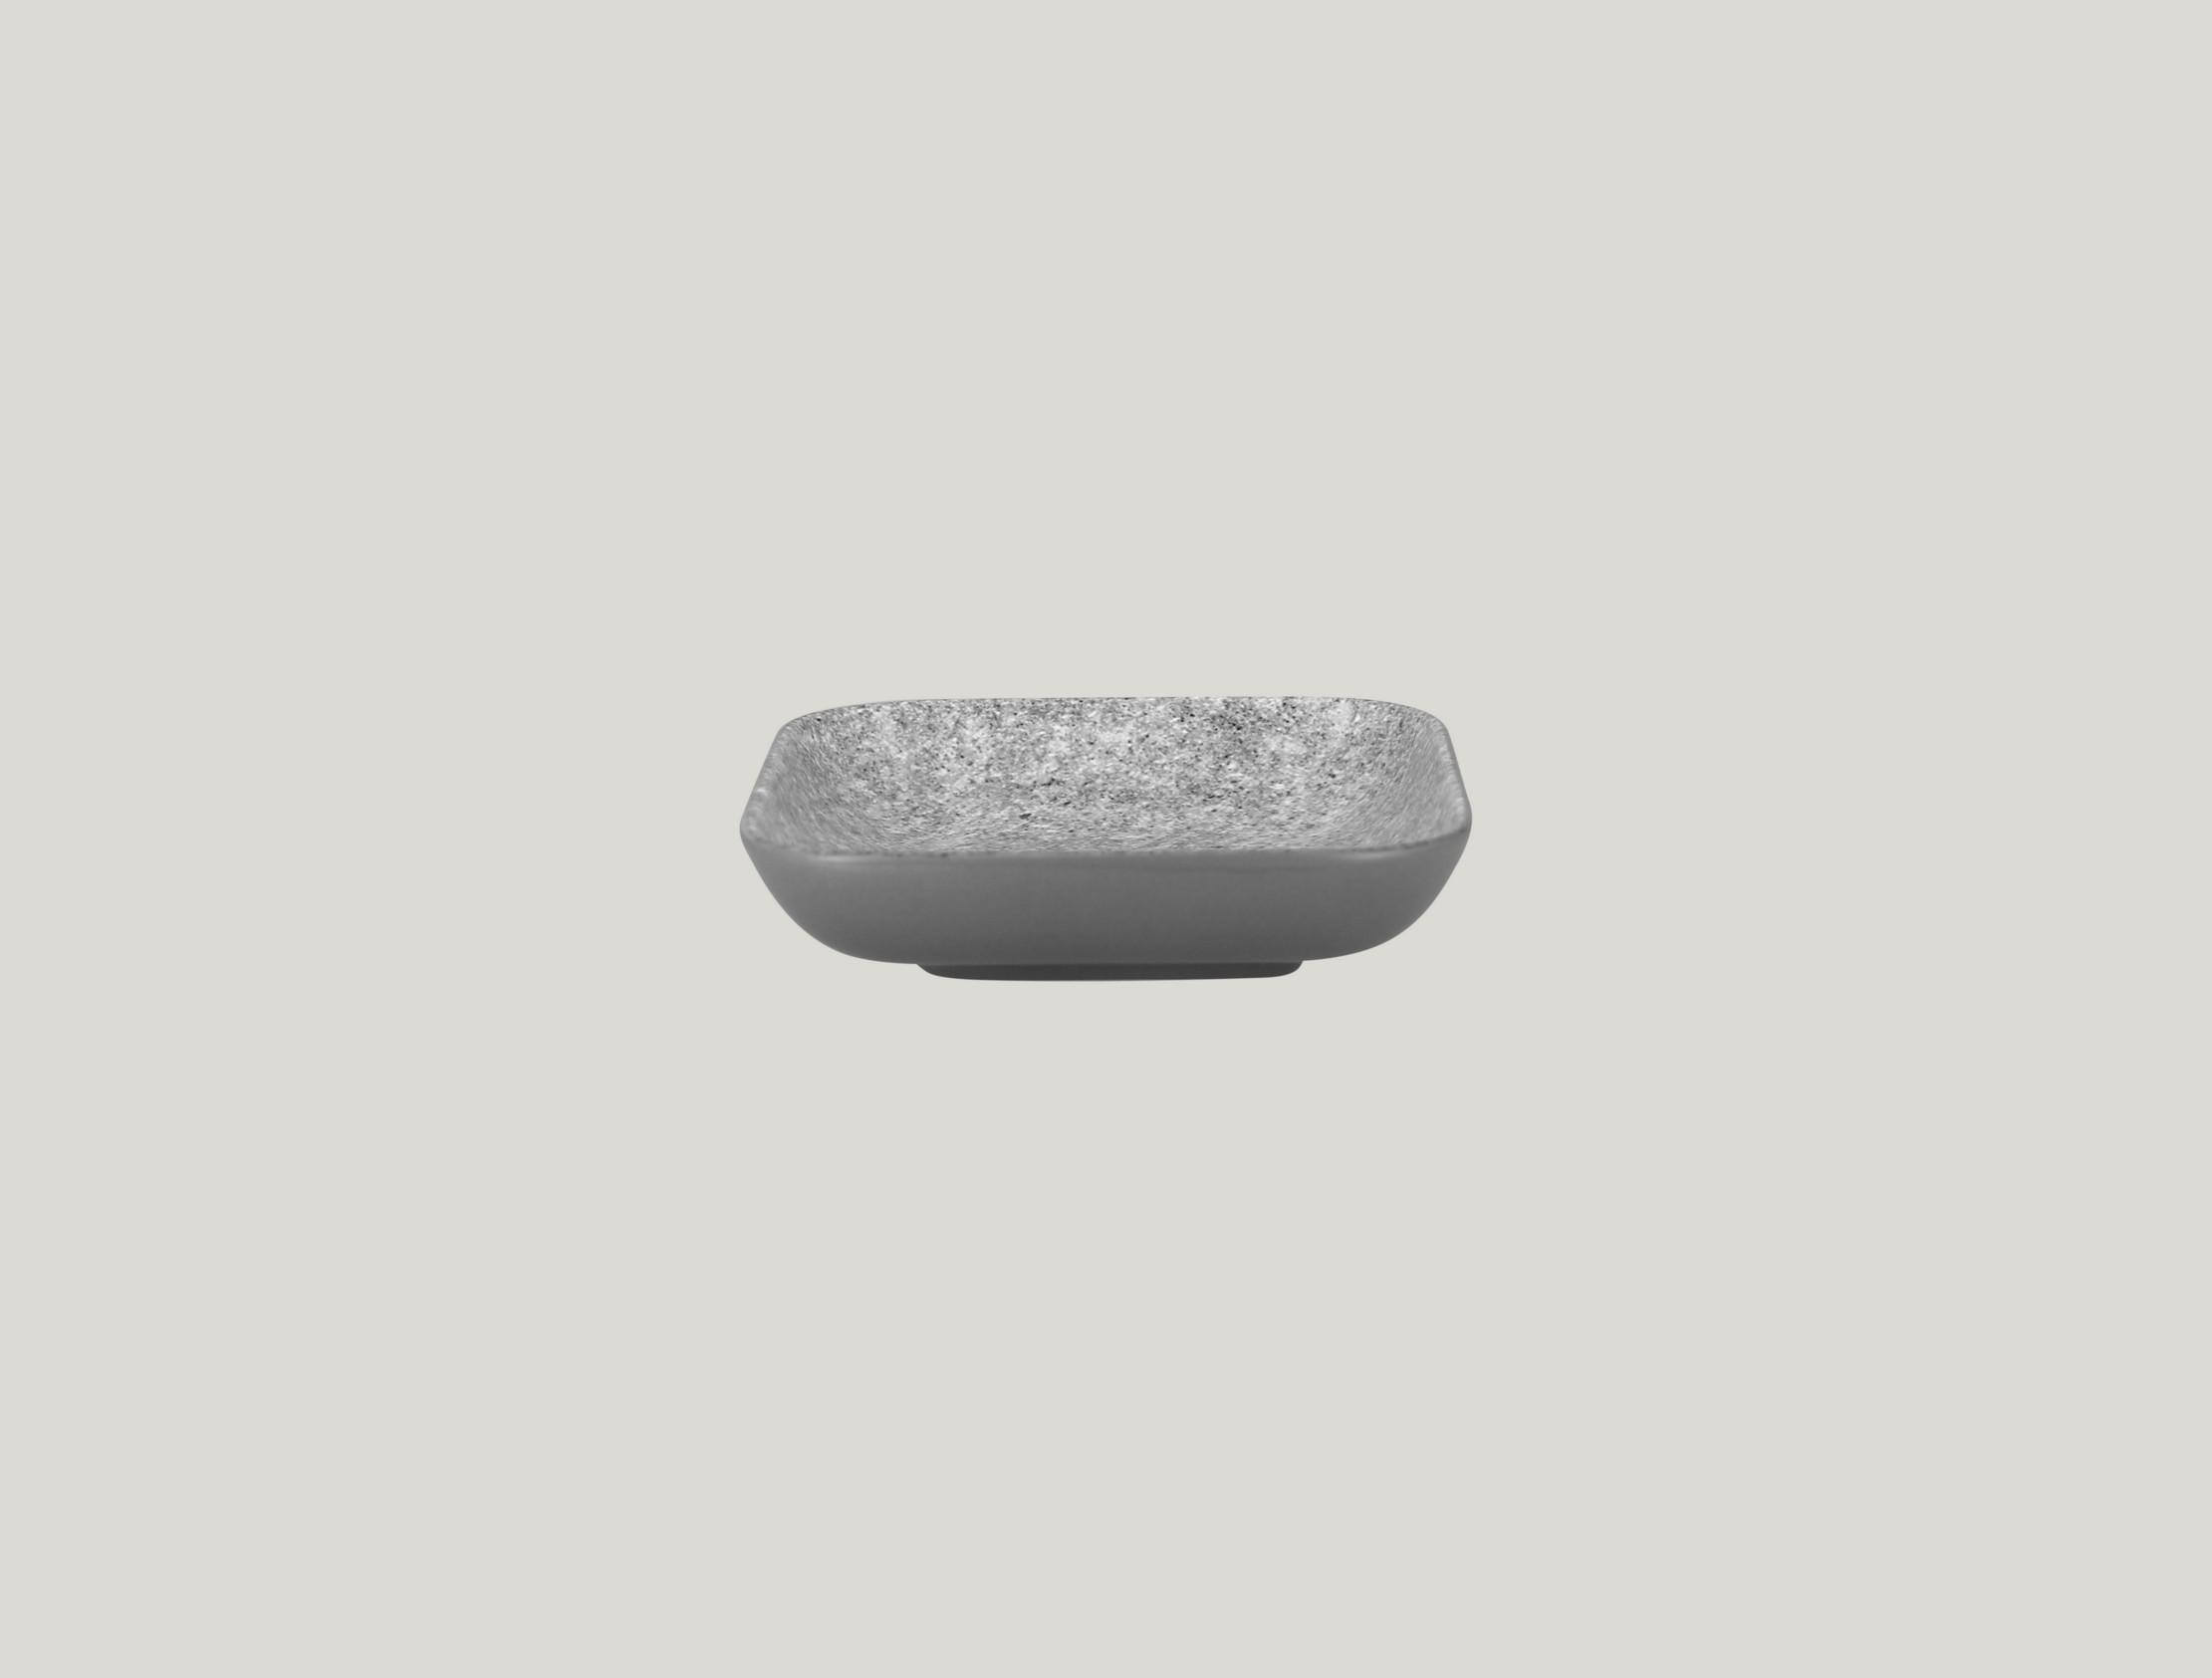 Miska čtvercová 15 x 15 cm - šedá